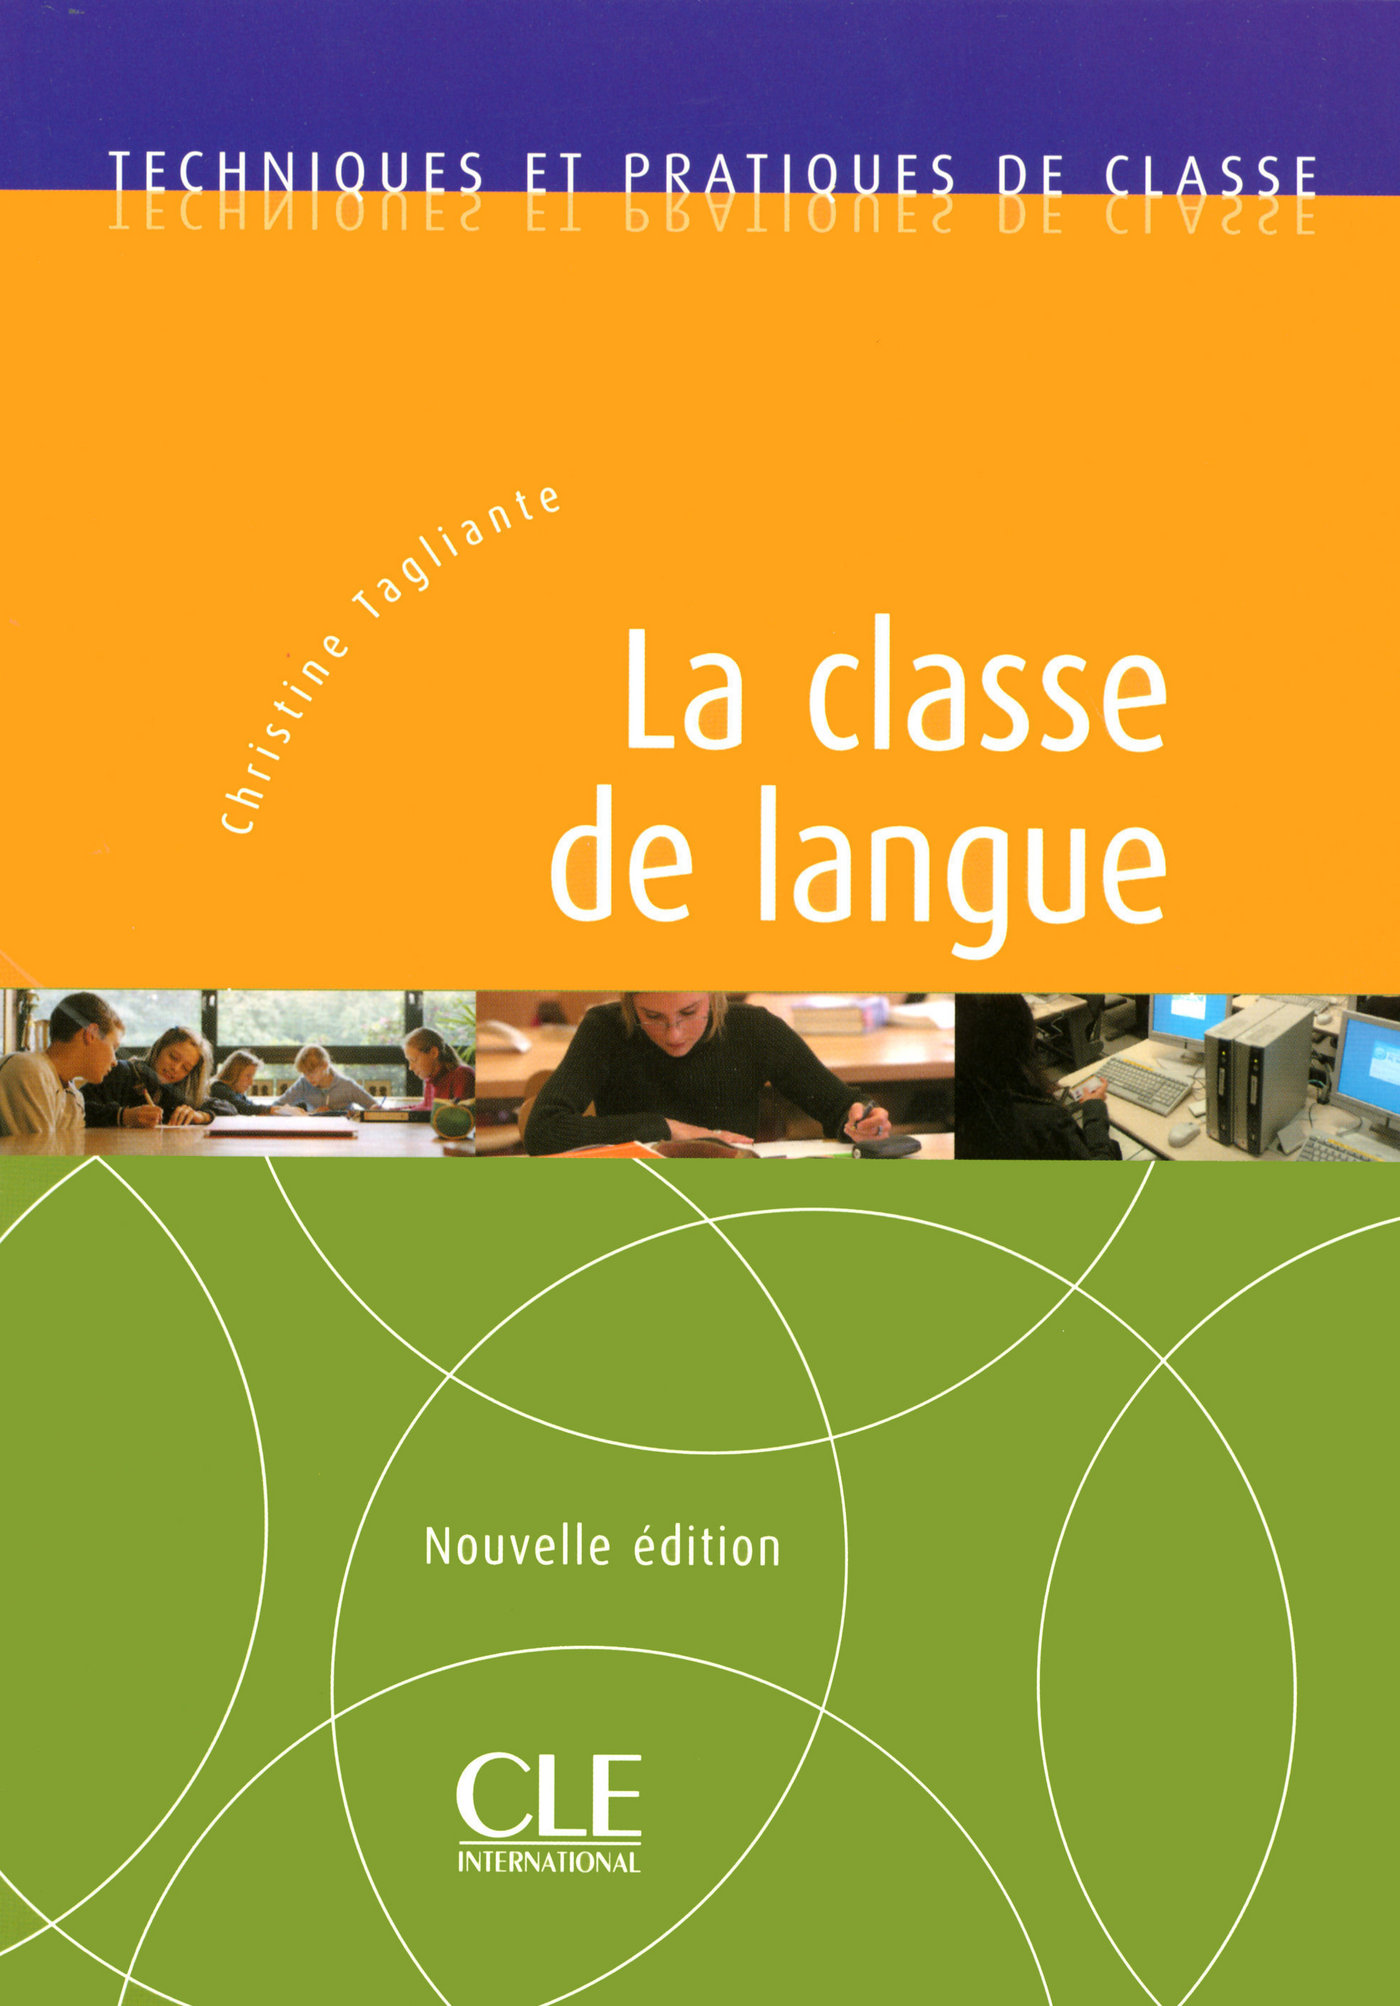 La classe de langue FLE - Techniques et pratiques de classe - E-book